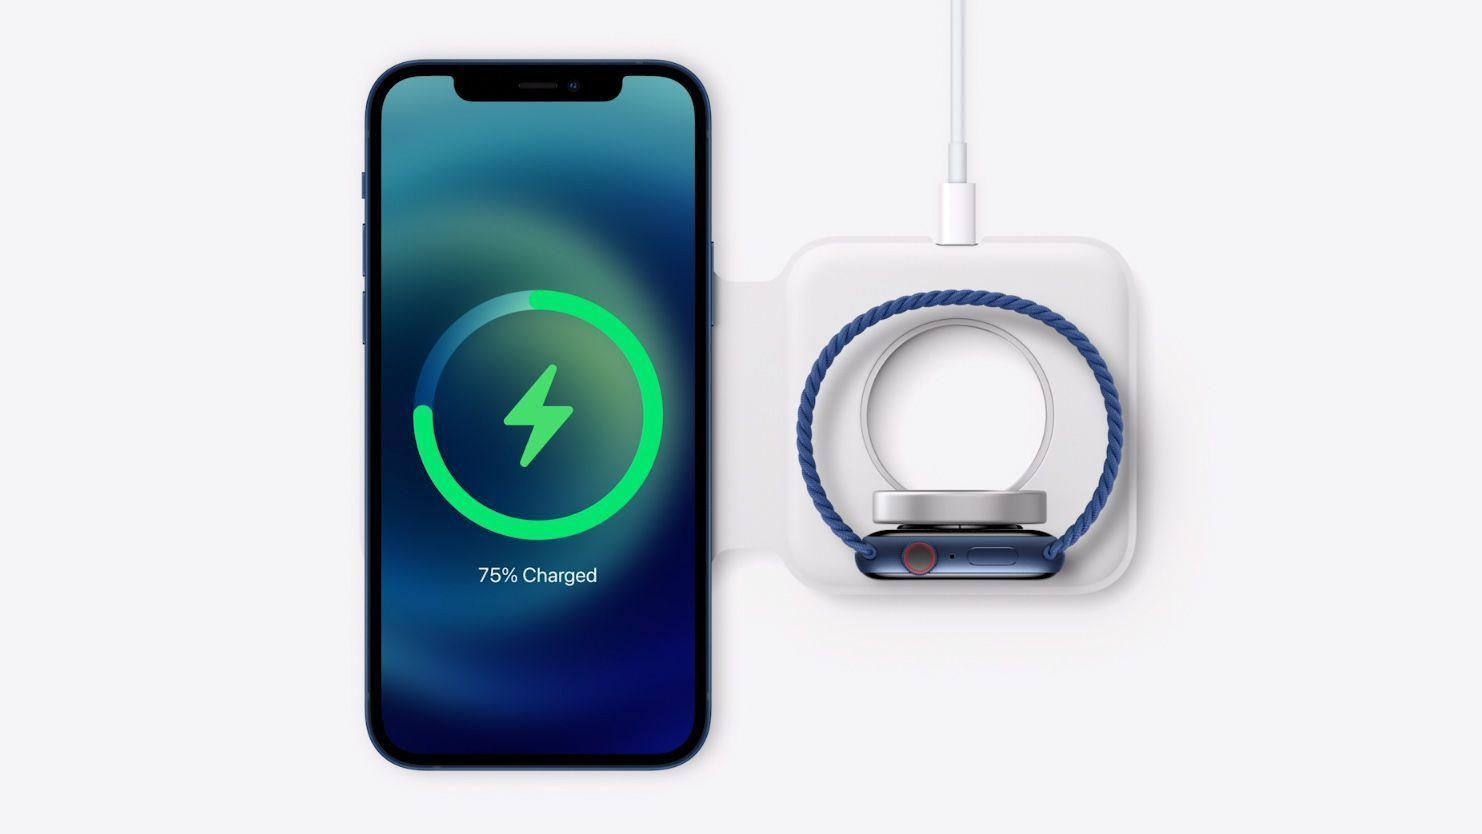 Da Apple lanserte iPhone 12-serien skrøt de både av sine nye trådløse ladere under MagSafe-navnet, og av at det blir mindre elektronisk avfall uten ladere i mobileskene. De skrøt også av at de  nye mobilene ikke ble dyrere enn utgående modeller - en påstand som muligens er riktig i det amerikanske markedet, men ikke i det norske, der prisen fra iPhone 11 til iPhone 12 har gått forholdsvis kraftig opp.